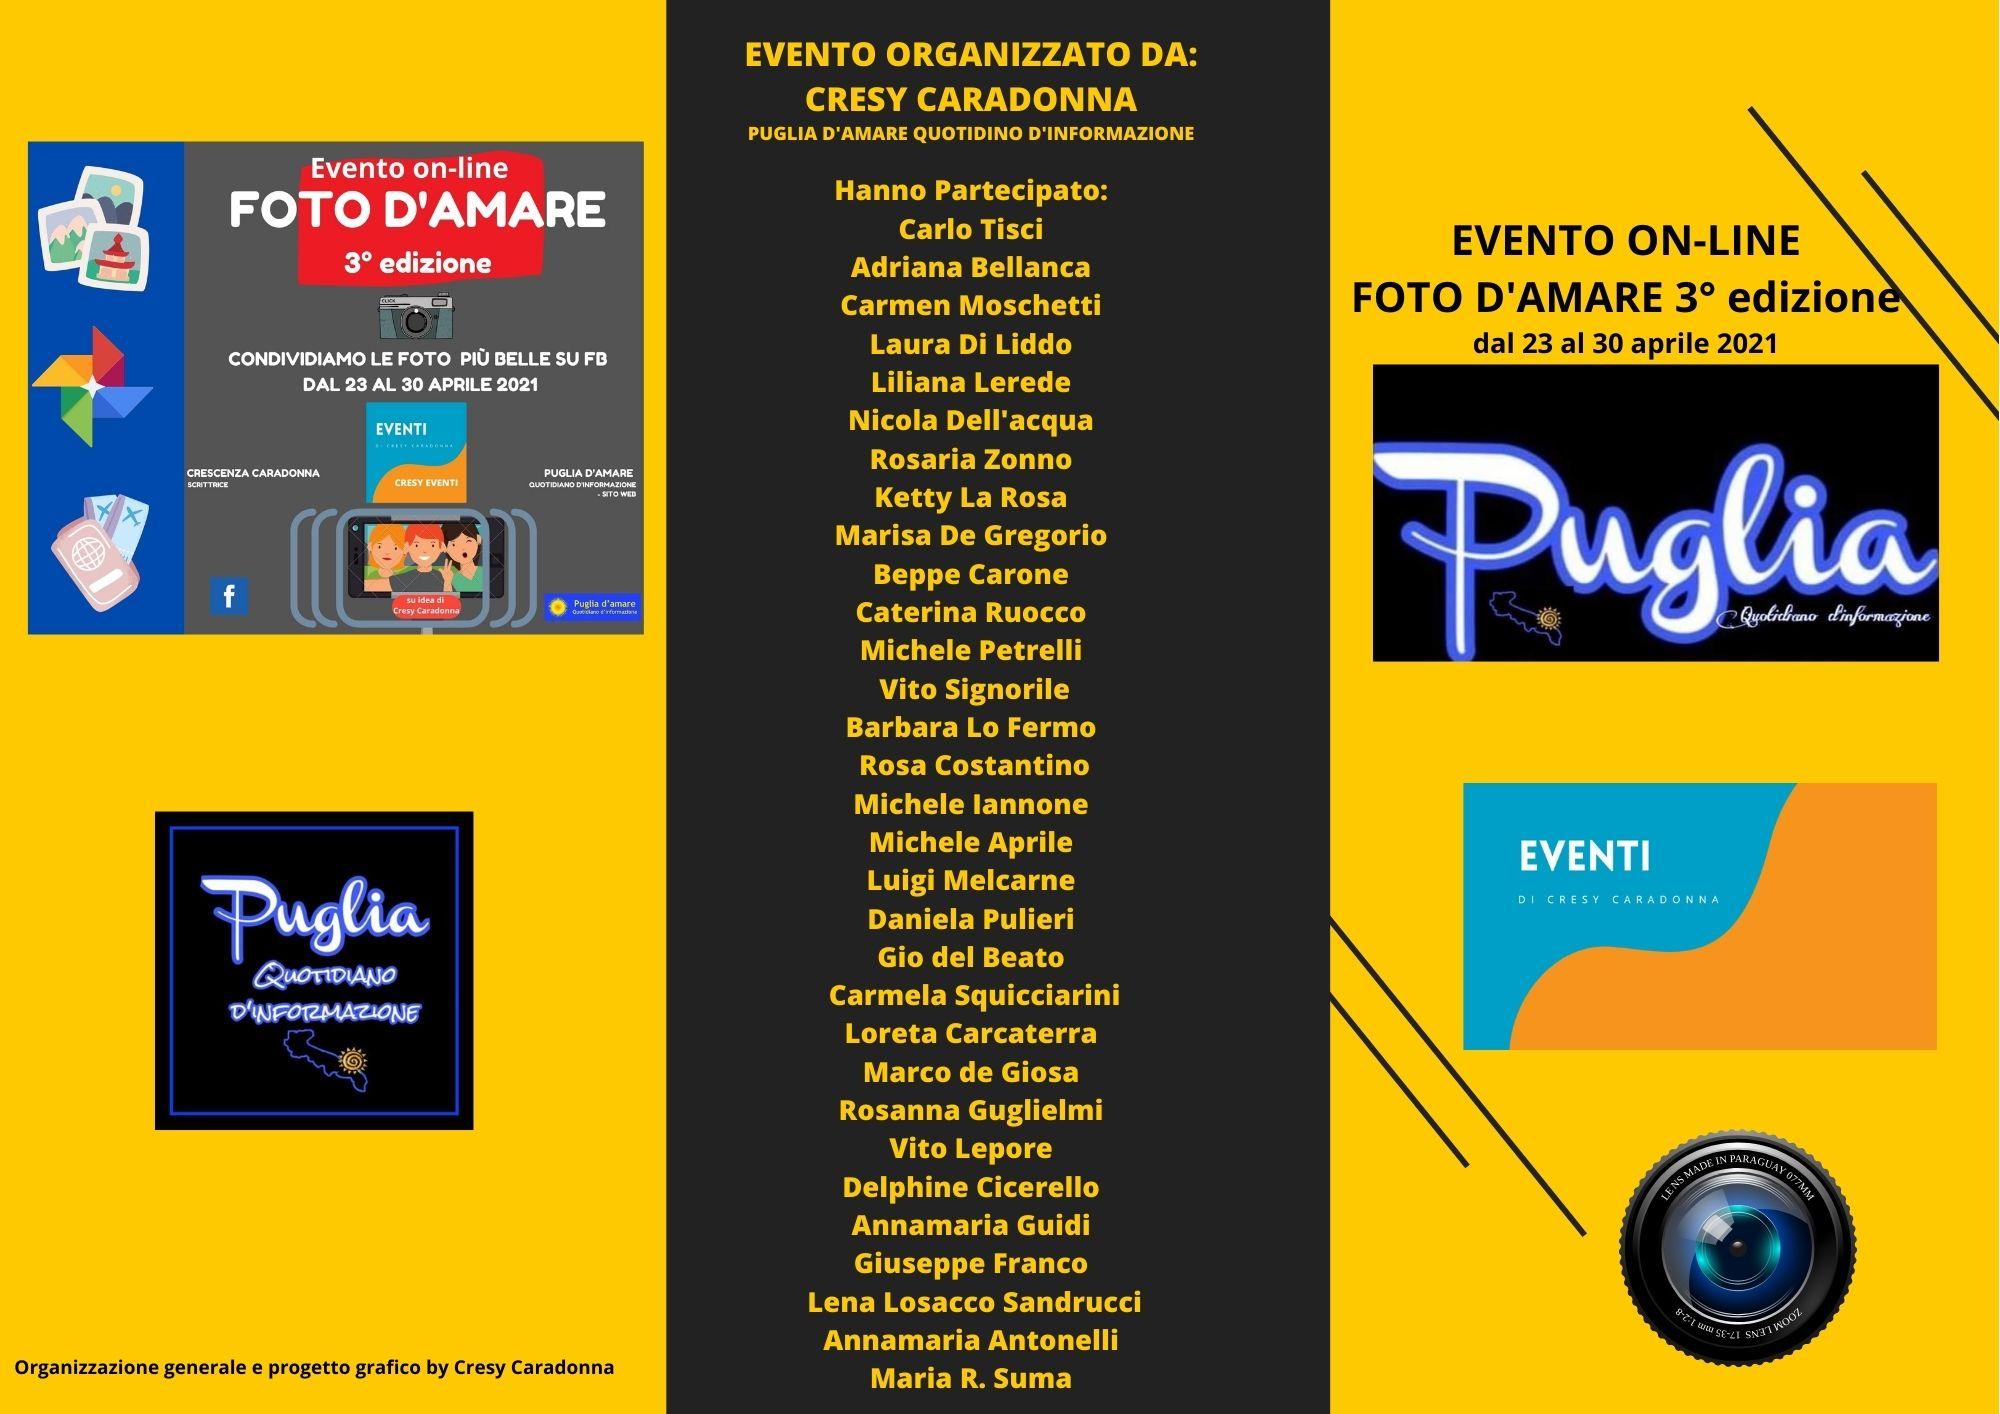 FOTO D'AMARE 3° edizione: i nomi di tutti i partecipanti